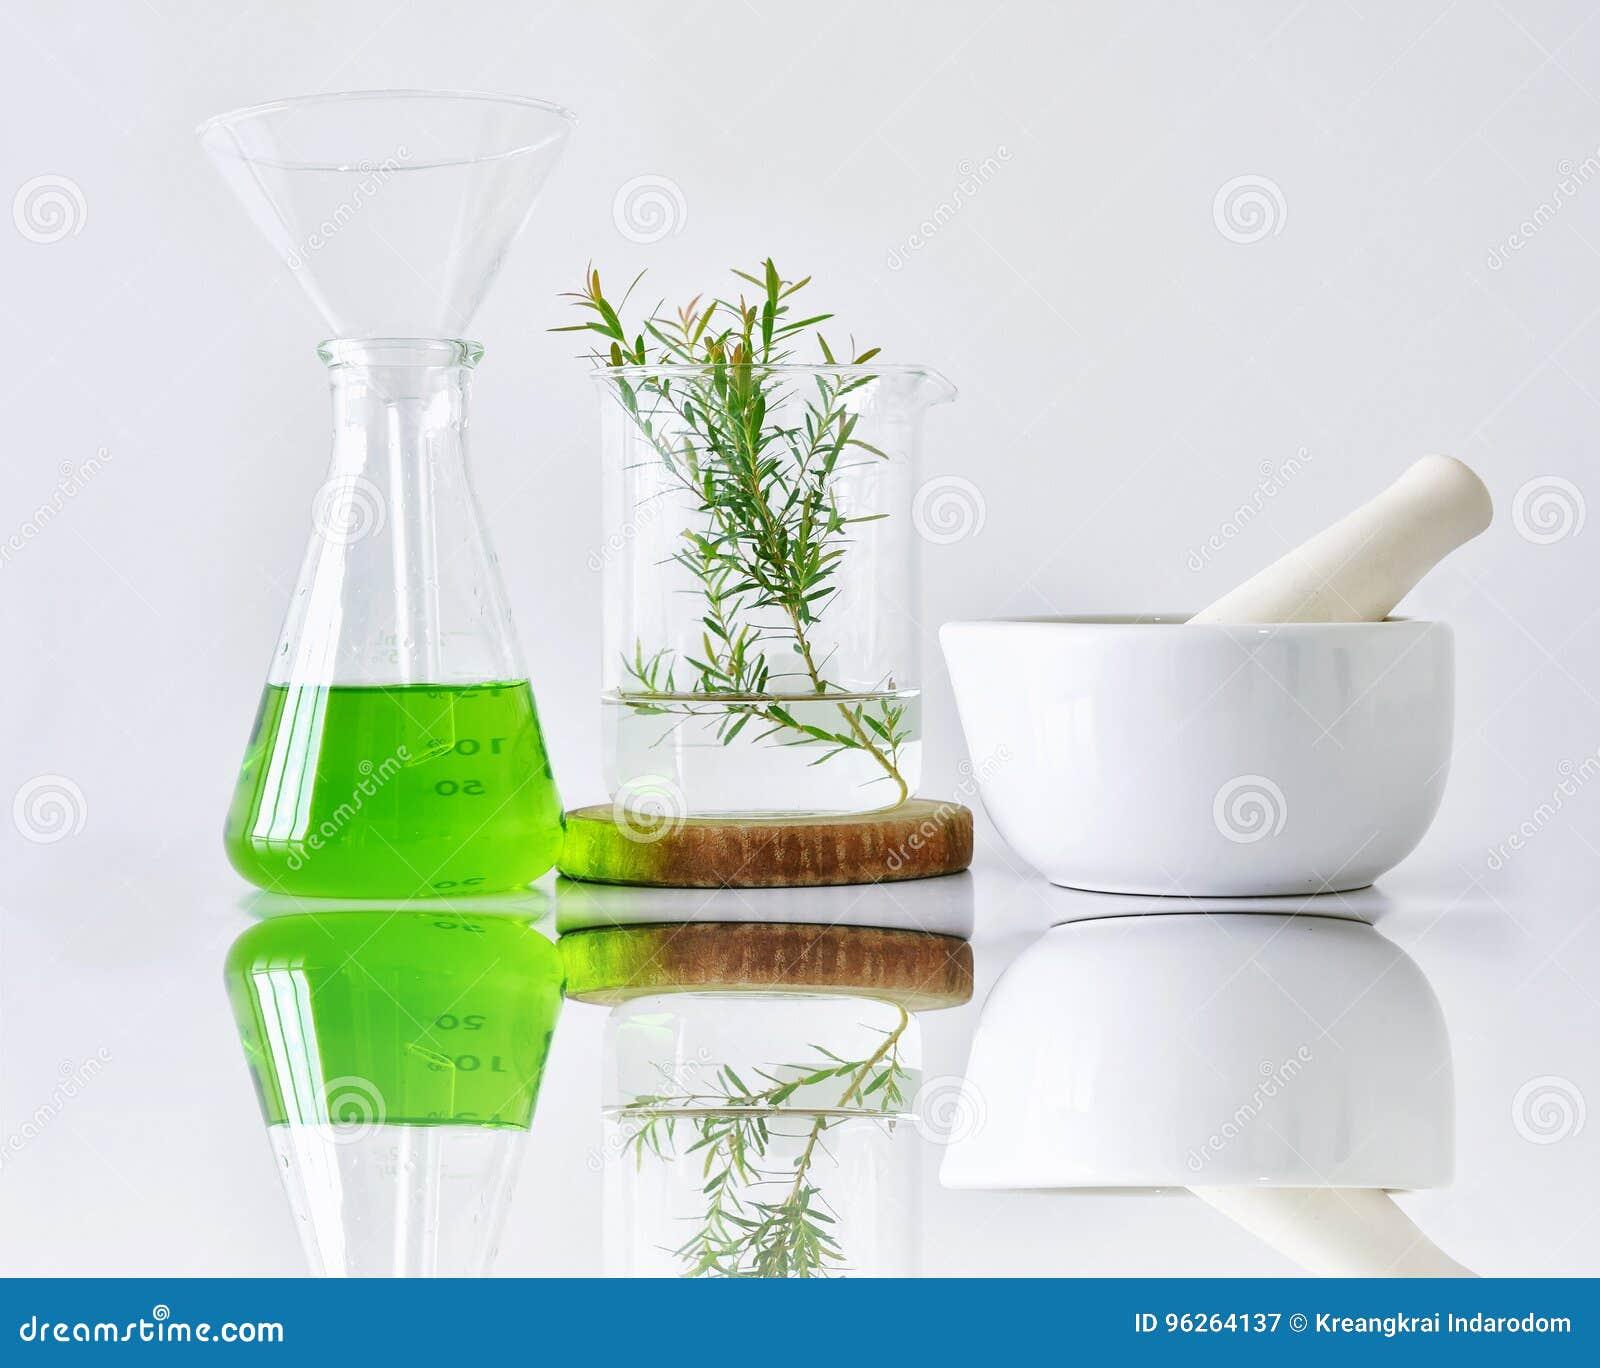 Botanica organica naturale e cristalleria scientifica, medicina alternativa dell erba, prodotti di bellezza naturali di cura di p